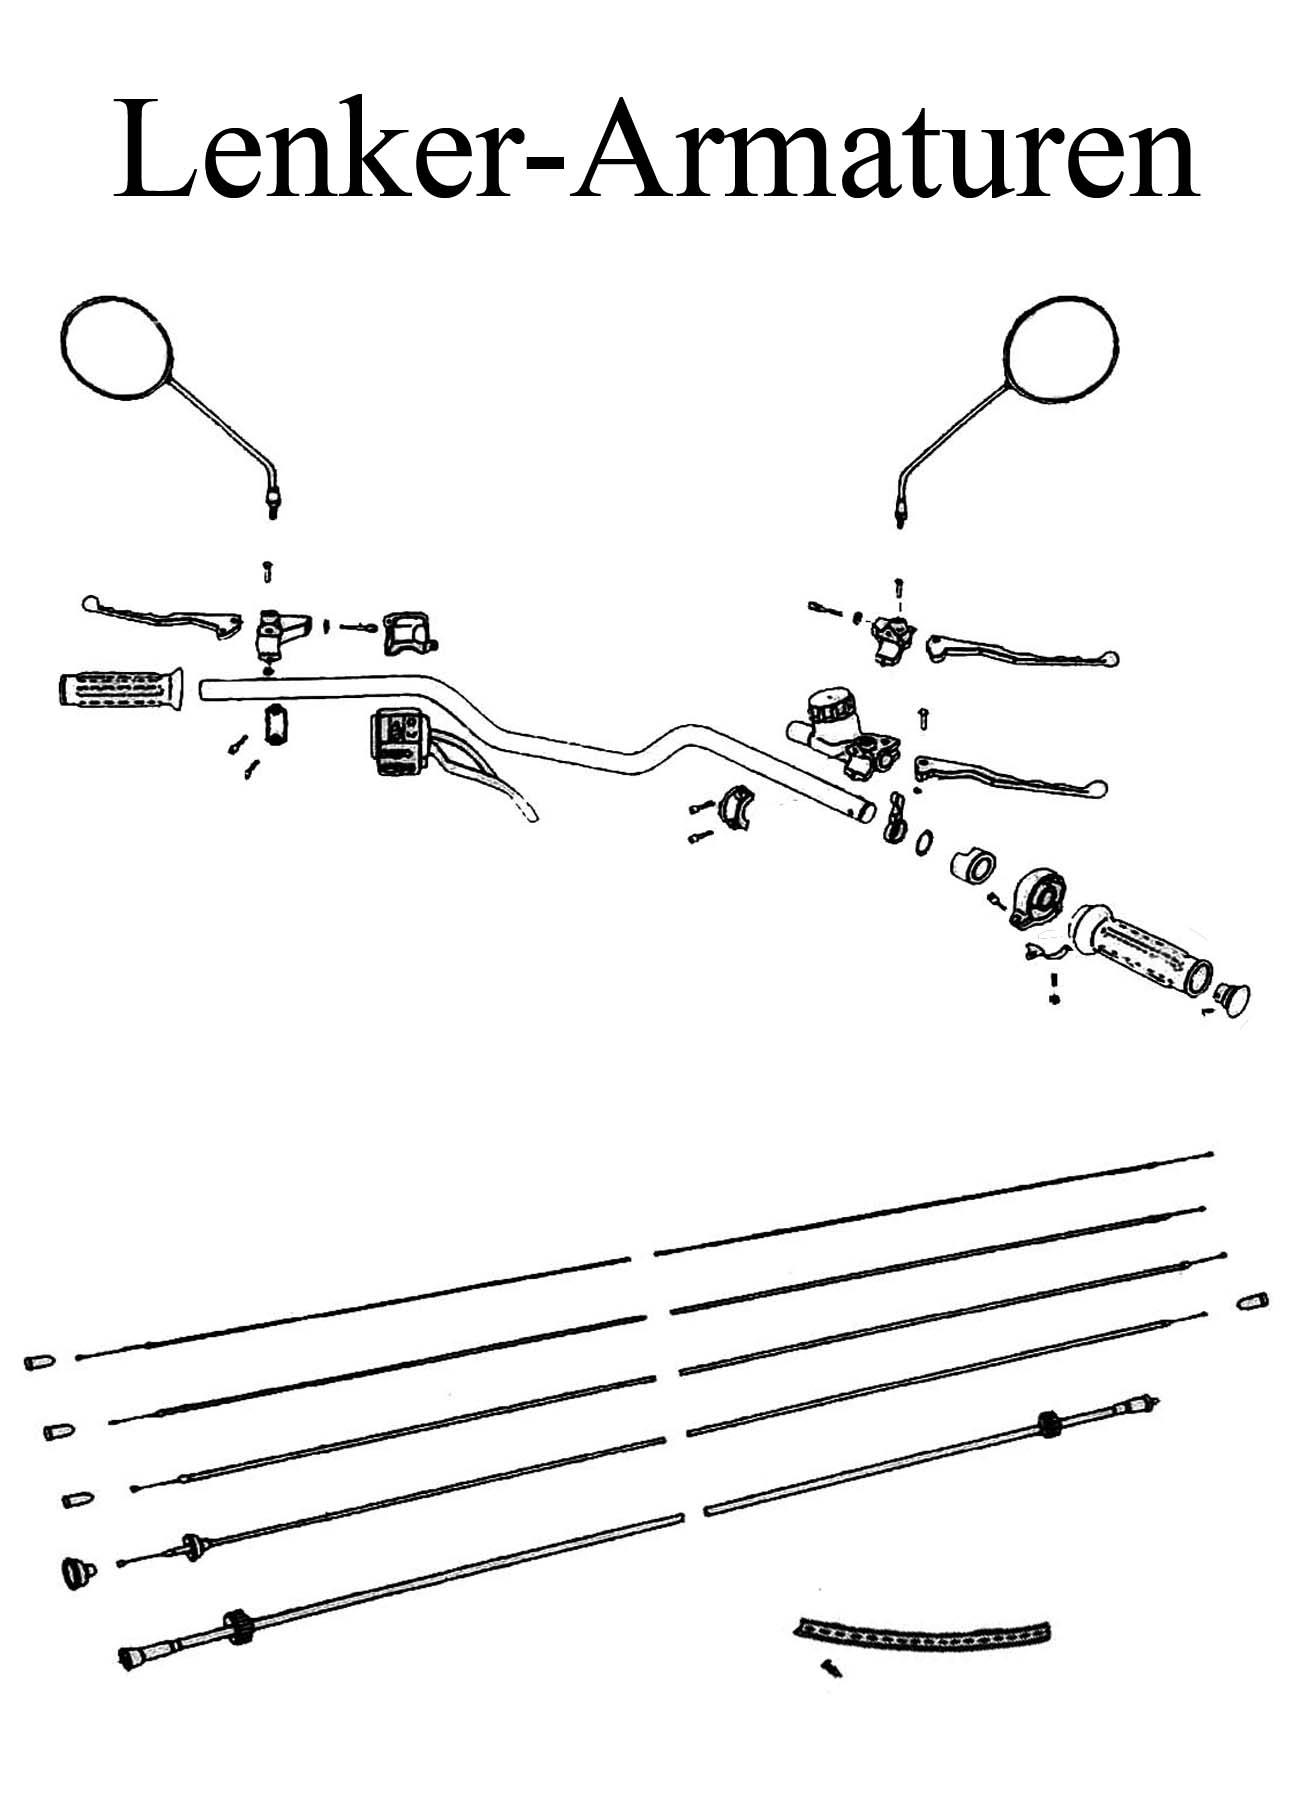 DDR-Motorrad MZ ETZ 251 Ersatzteileliste Lenker Armaturen Bremshebel Kupplungsbowdenzug Spiegelglas Griffgummi Tachometer Drehzahlmesserwelle